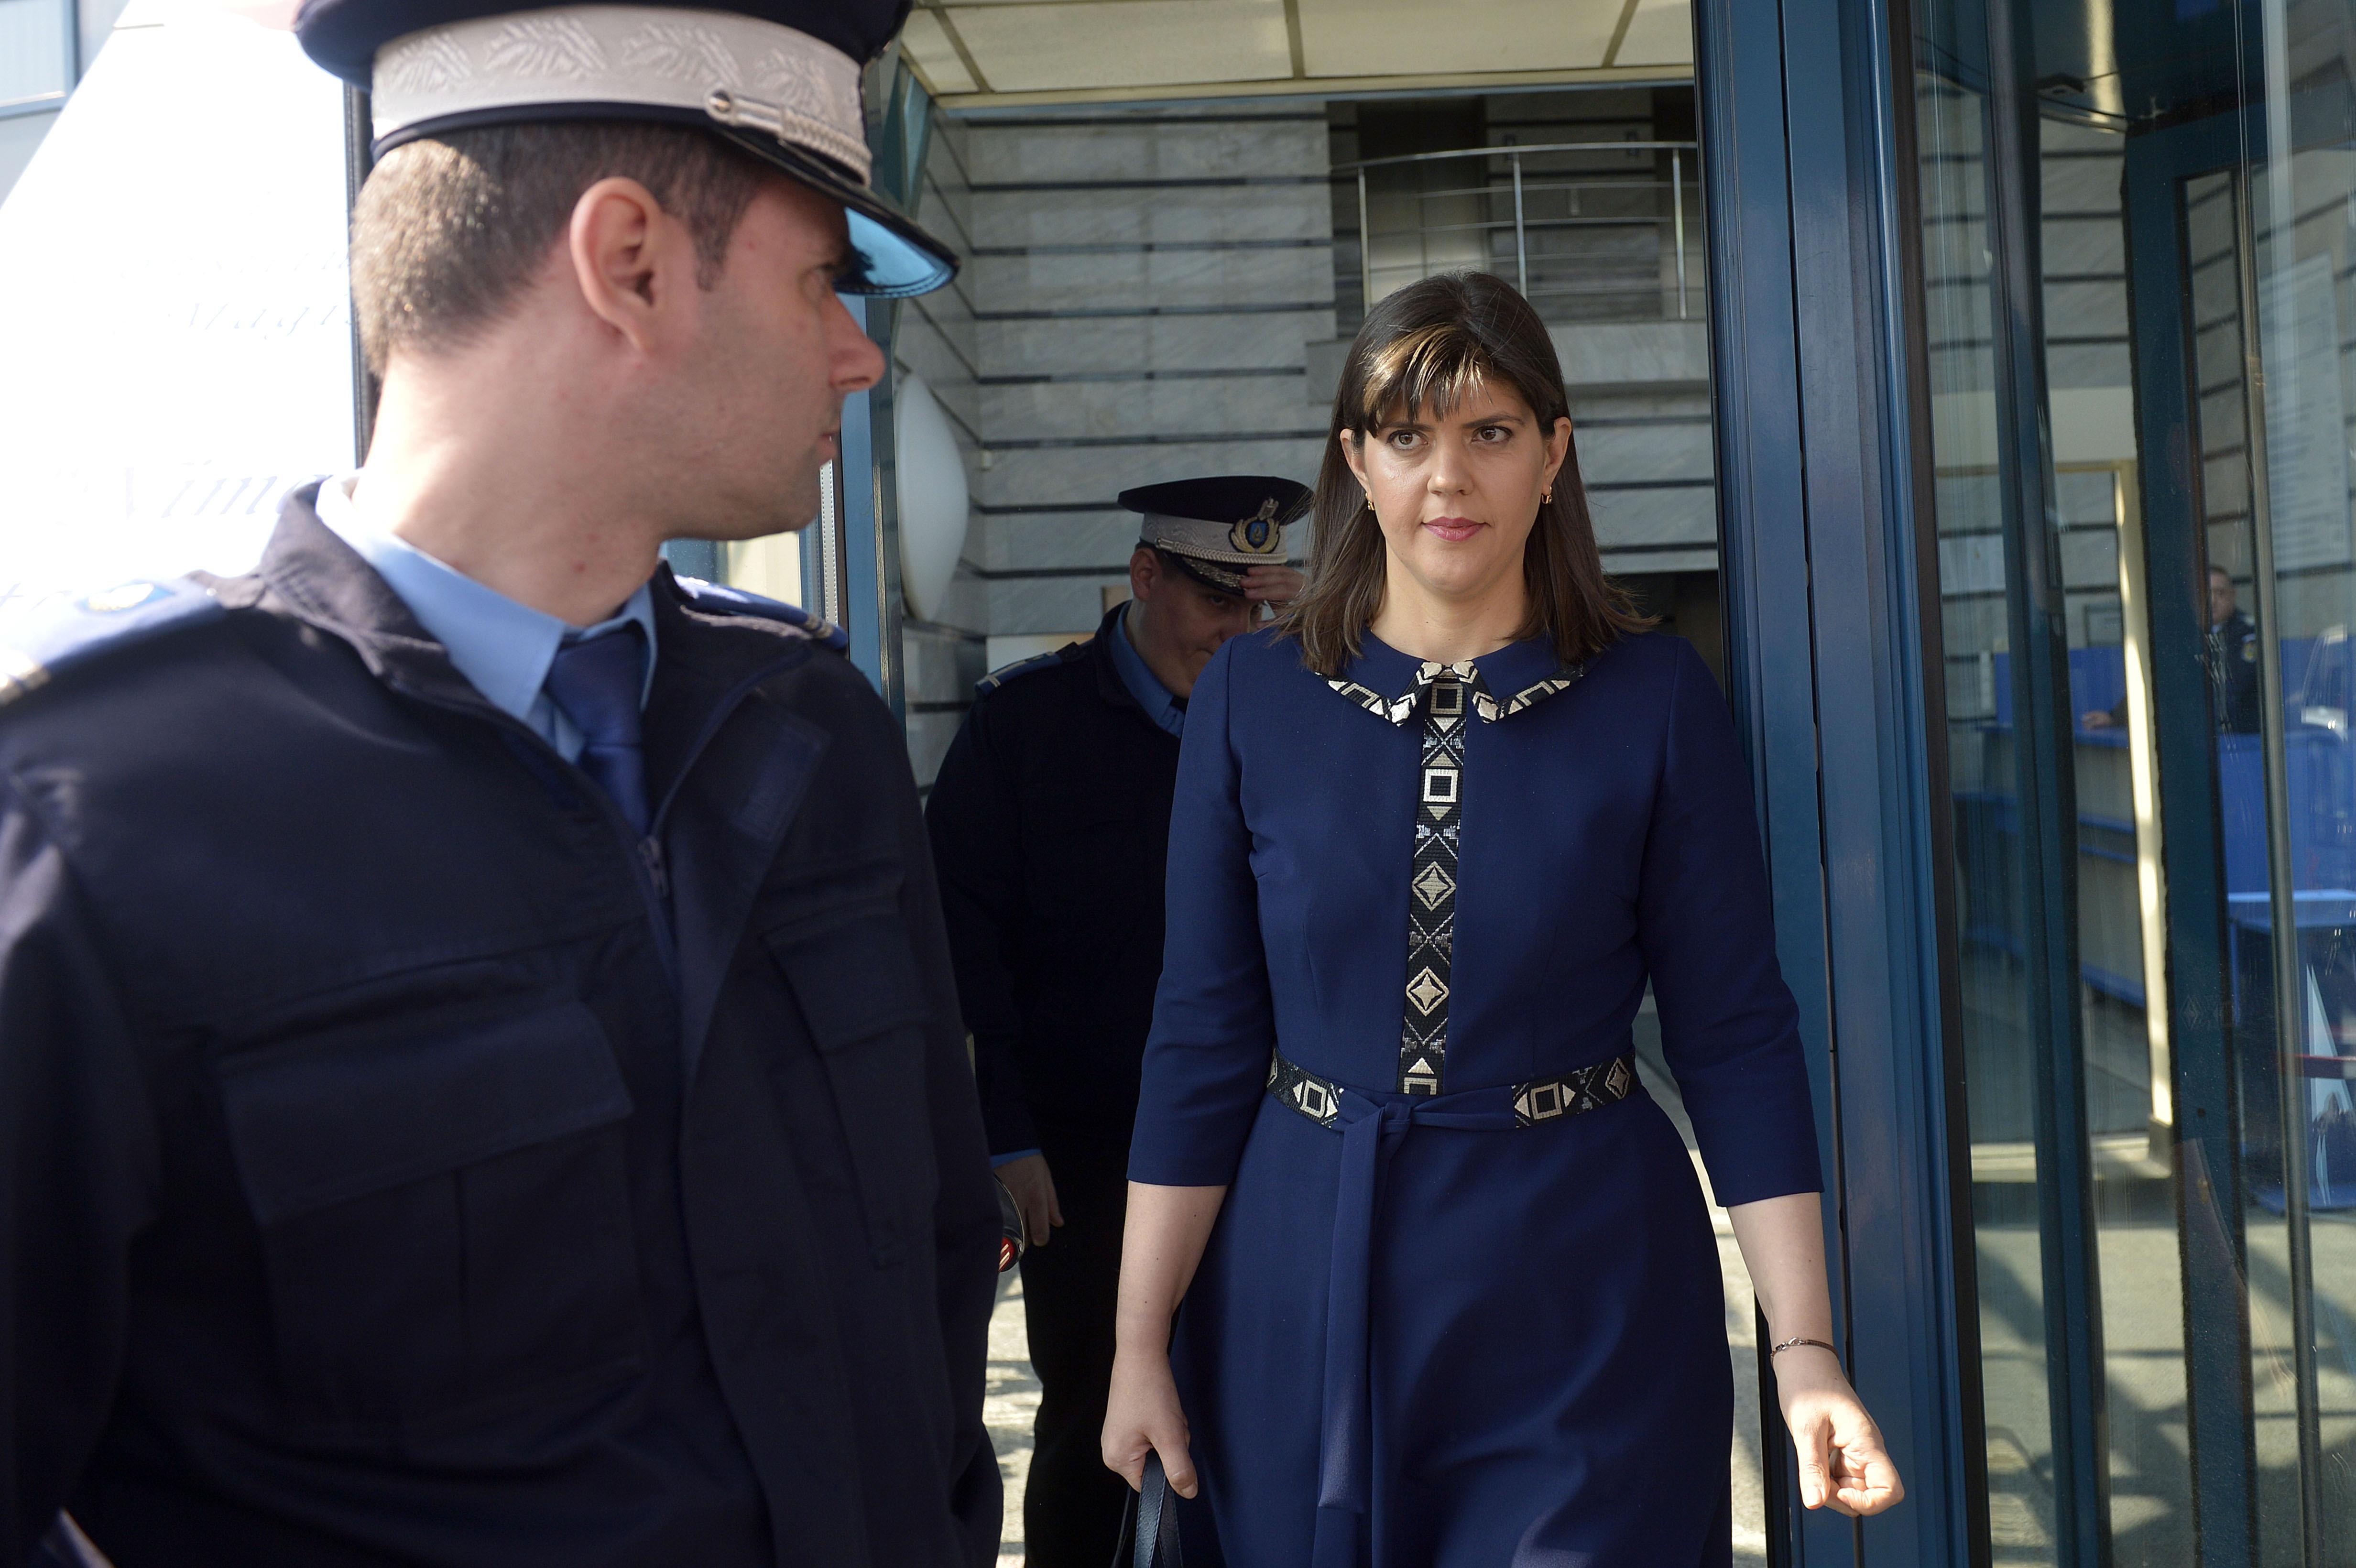 Laura Codruţa Kovesi: Nu mă voi prezenta la şedinţa comisiei de anchetă. Procurorii fac parte din autoritatea judecătorească